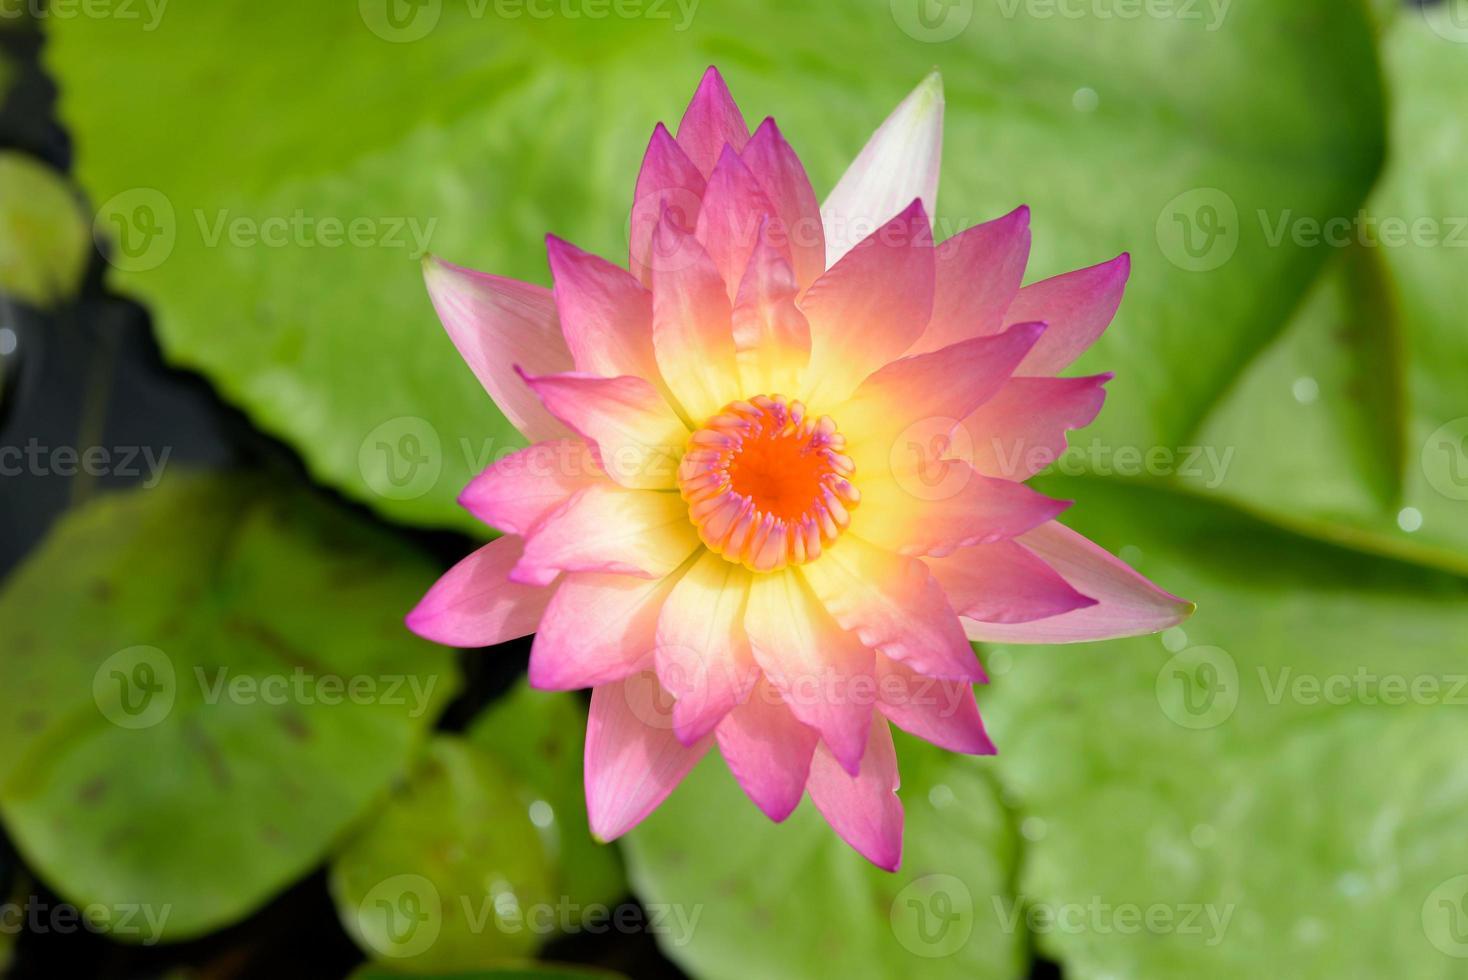 flor de loto y plantas de flor de loto foto